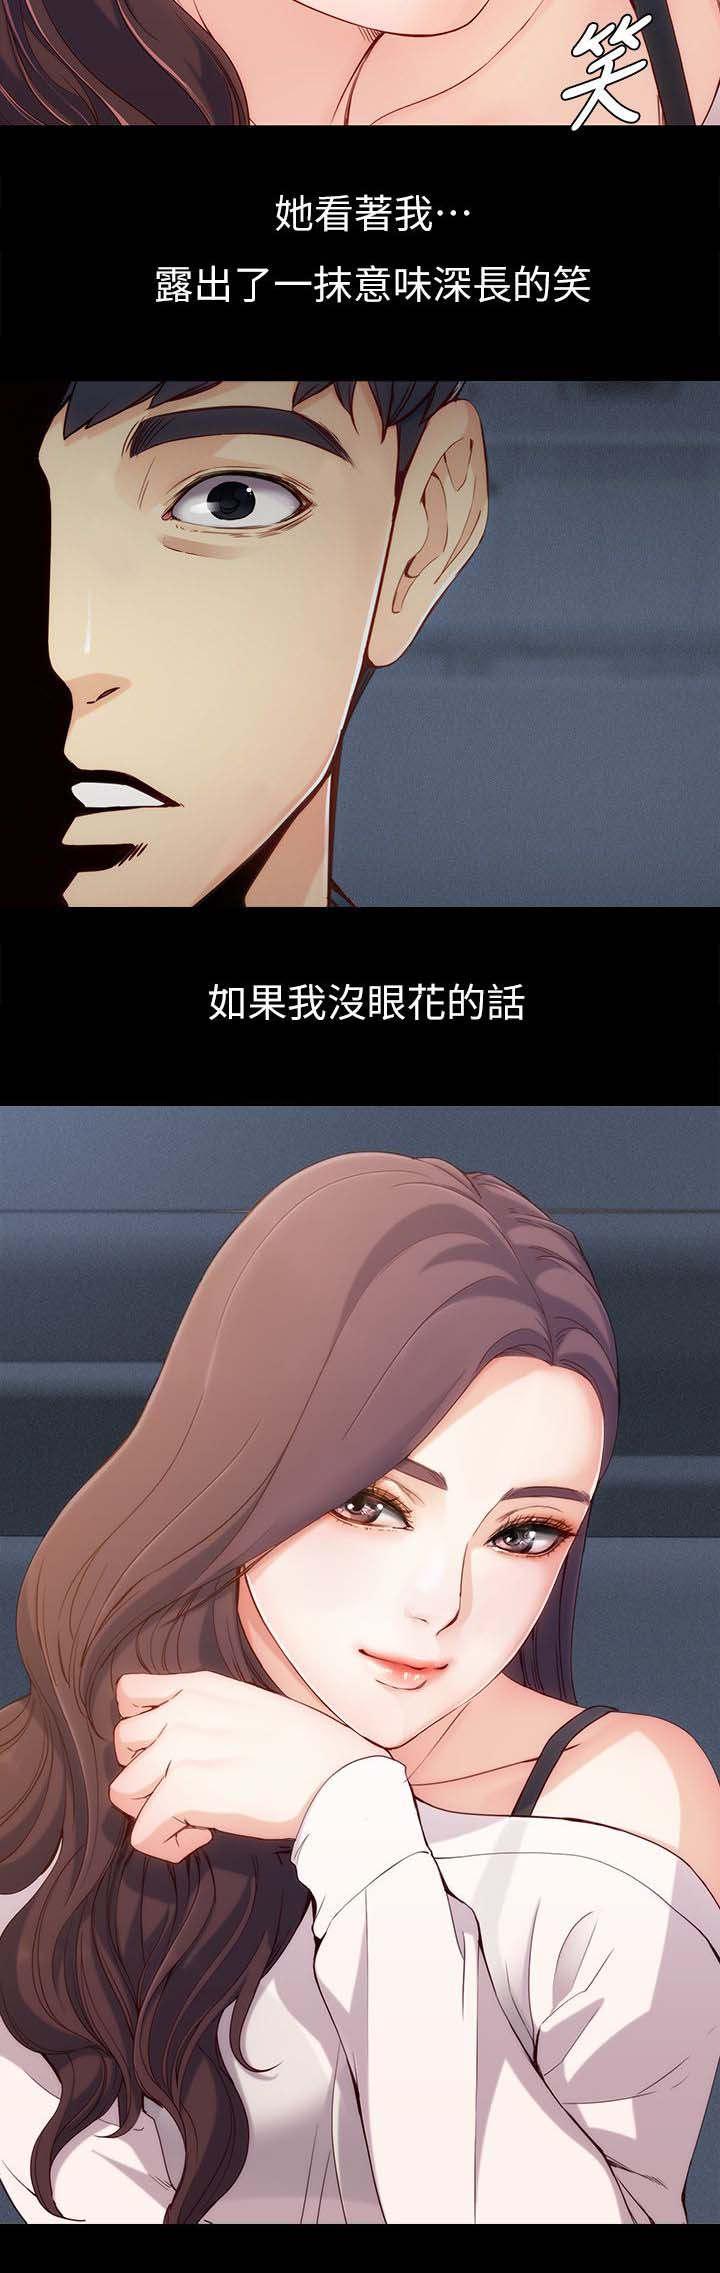 (完整全集)(女大生世晶)(韩漫免费在线阅读)